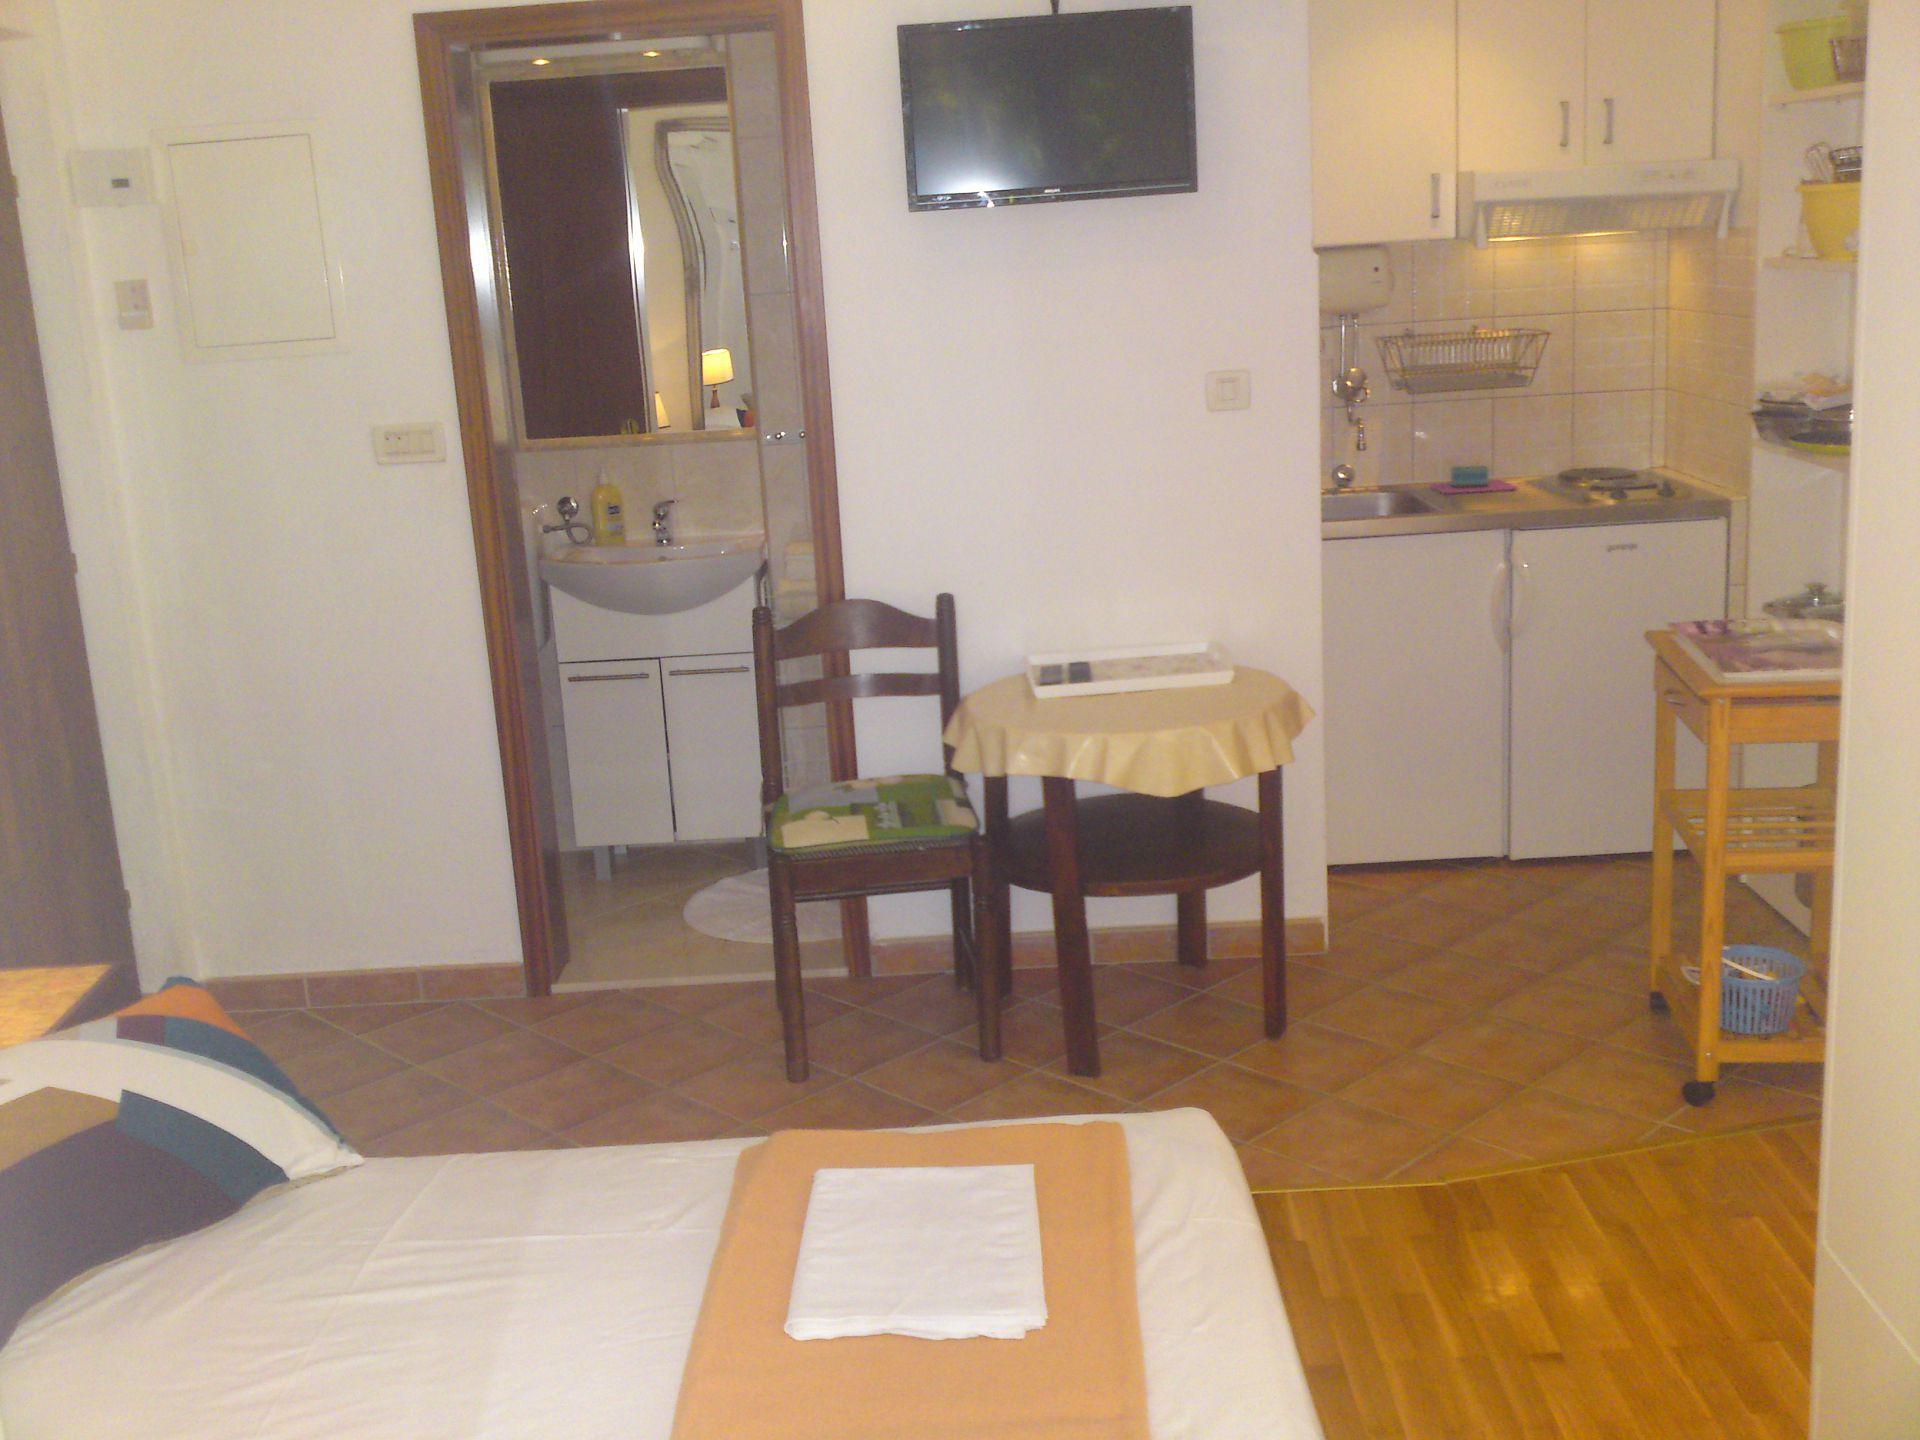 00209PISA  - Pisak - Ferienwohnungen Kroatien - A4 (2+2): Küche und Speisezimmer